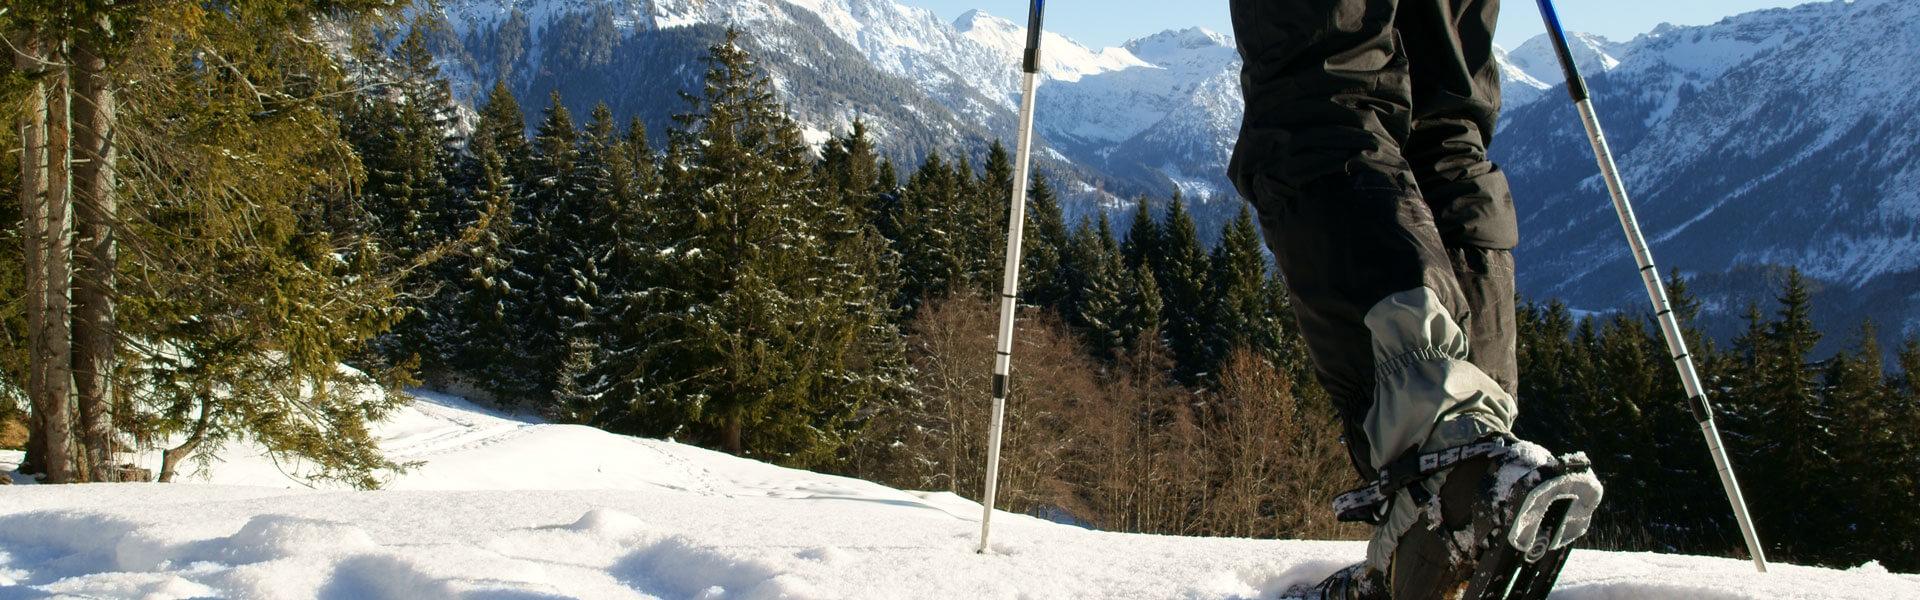 Alpentraum im Schnee mit b-ceed Betriebsreisen.